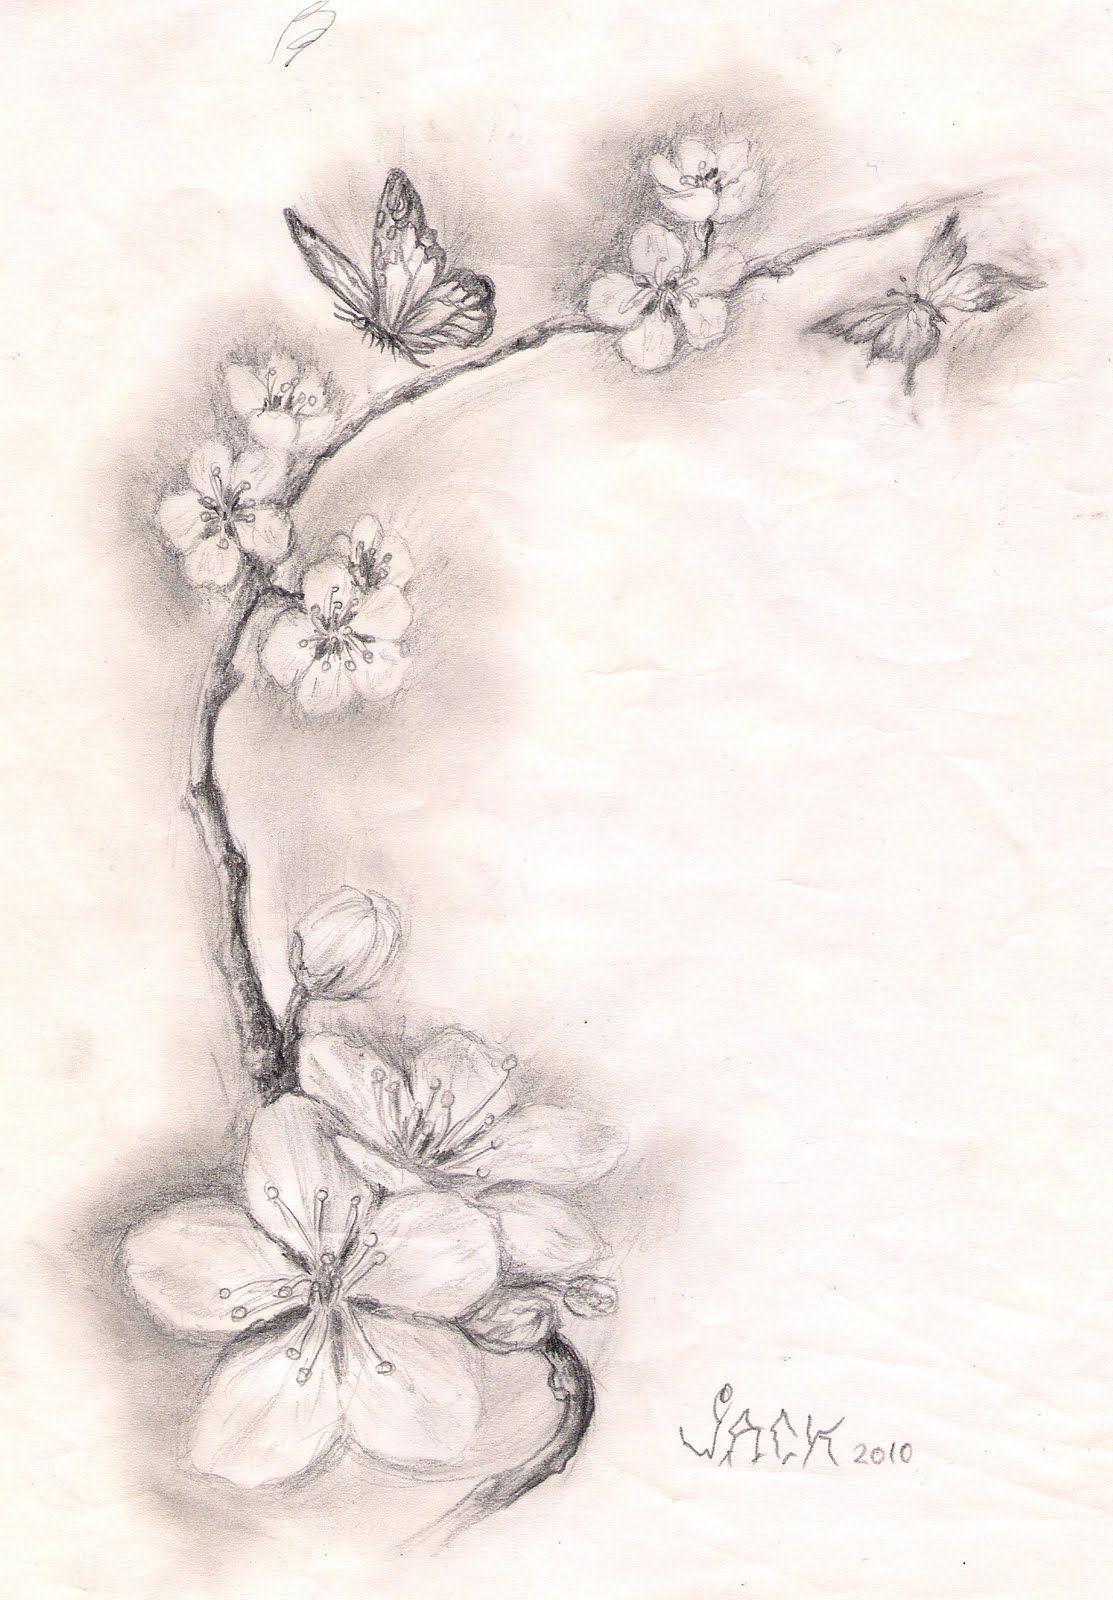 50 Kirschbluten Tattoo Ideen Und Die Bedeutung Des Symbols